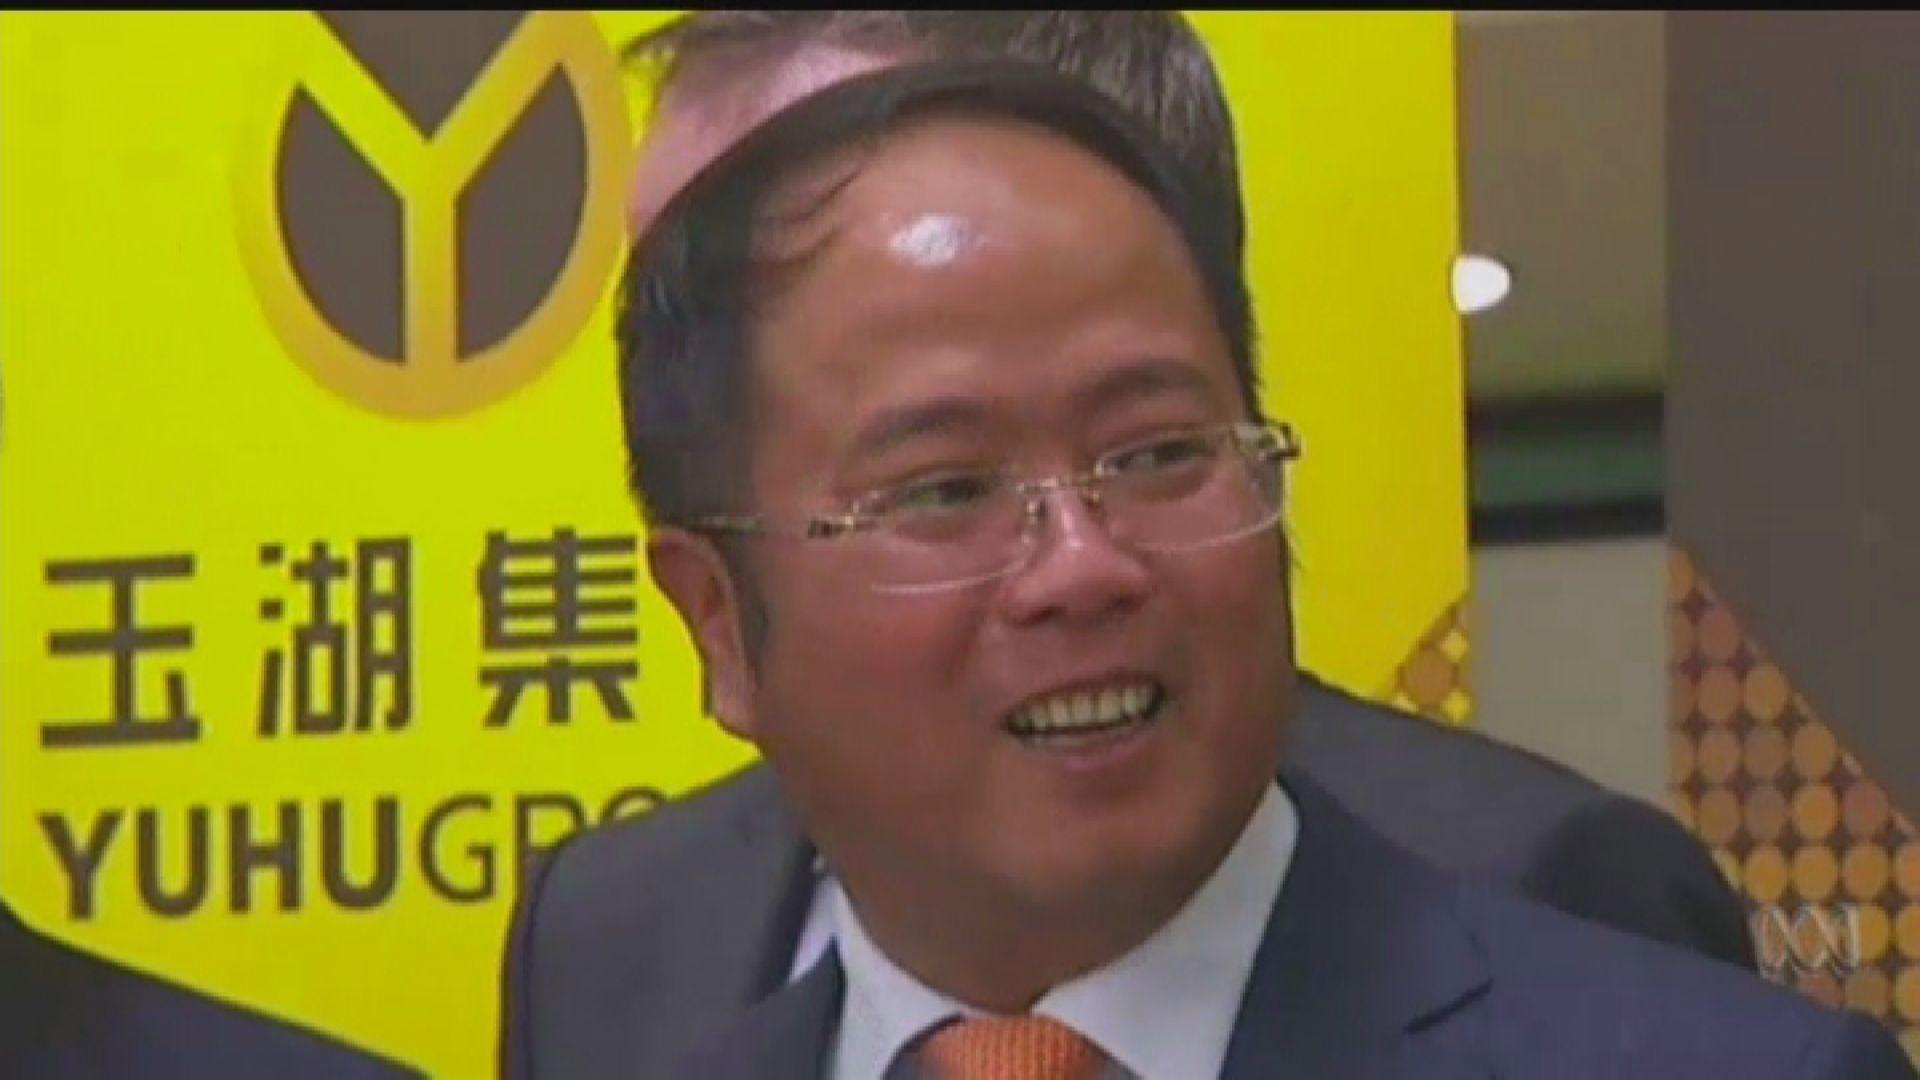 澳洲撤銷中國富商黃向墨居留權